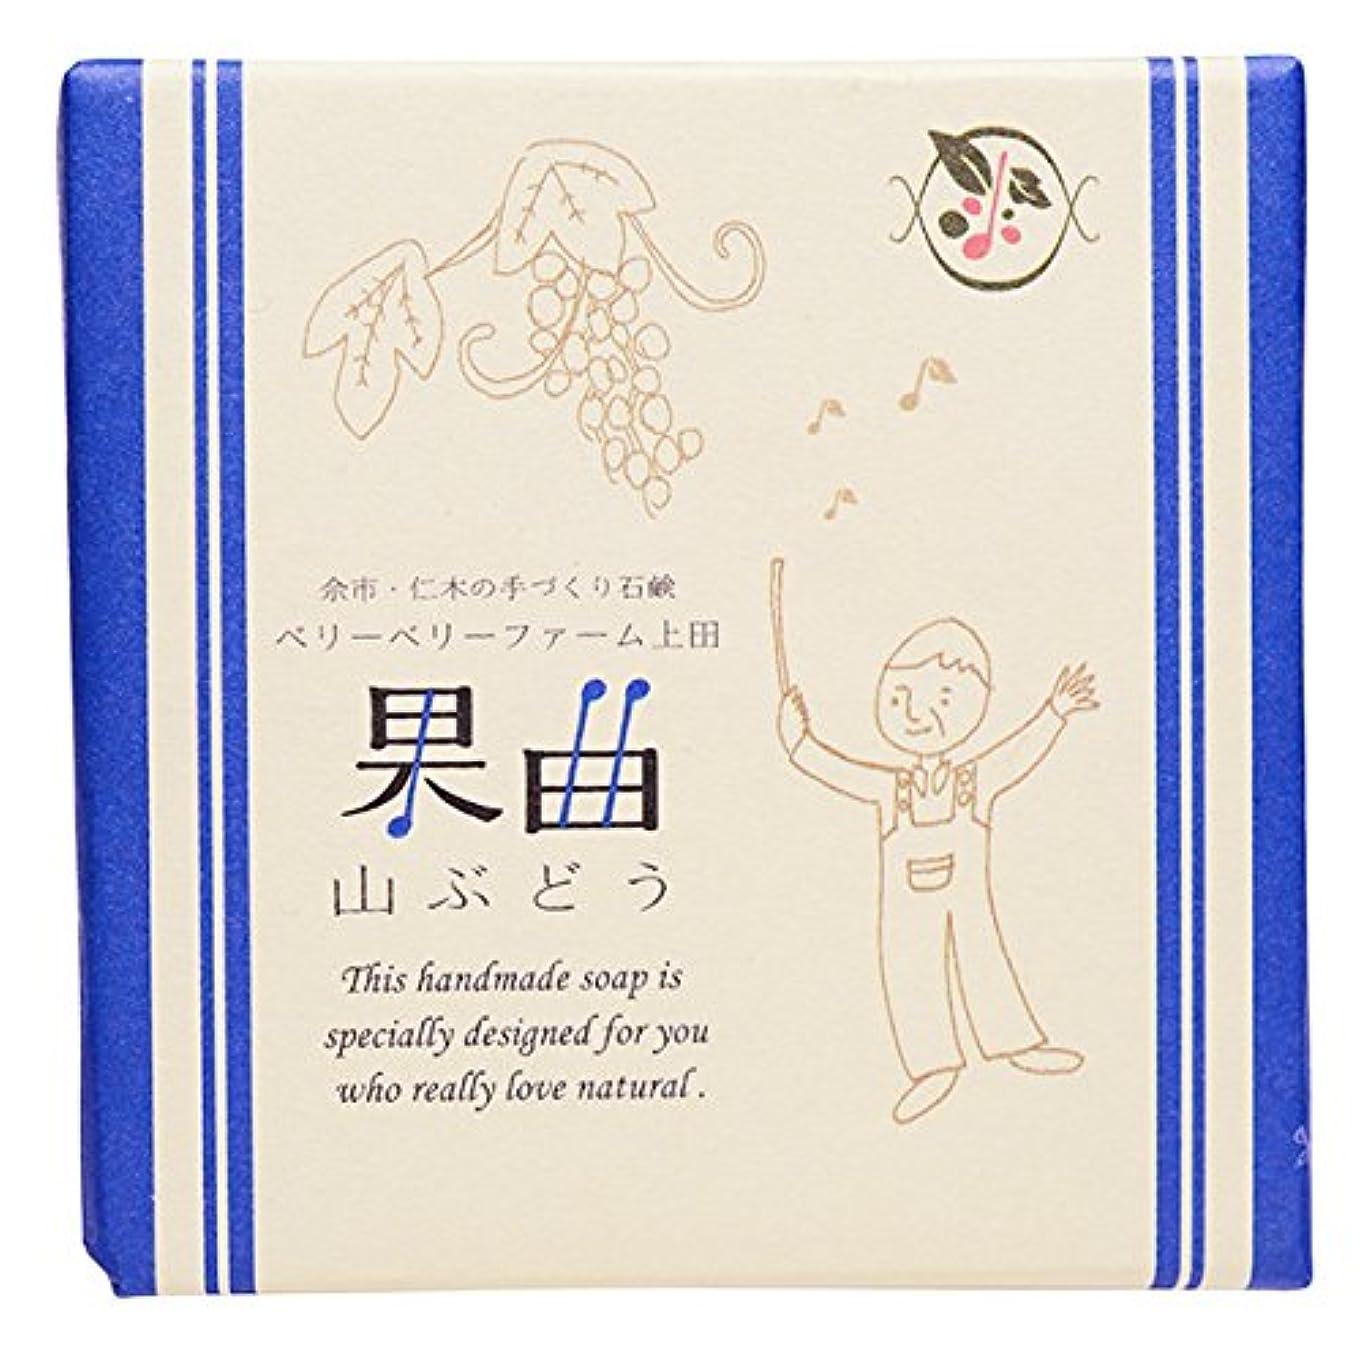 すすり泣き説明する倍増余市町仁木のベリーベリーファーム上田との共同開発 果曲(山ぶどう)純練り石鹸